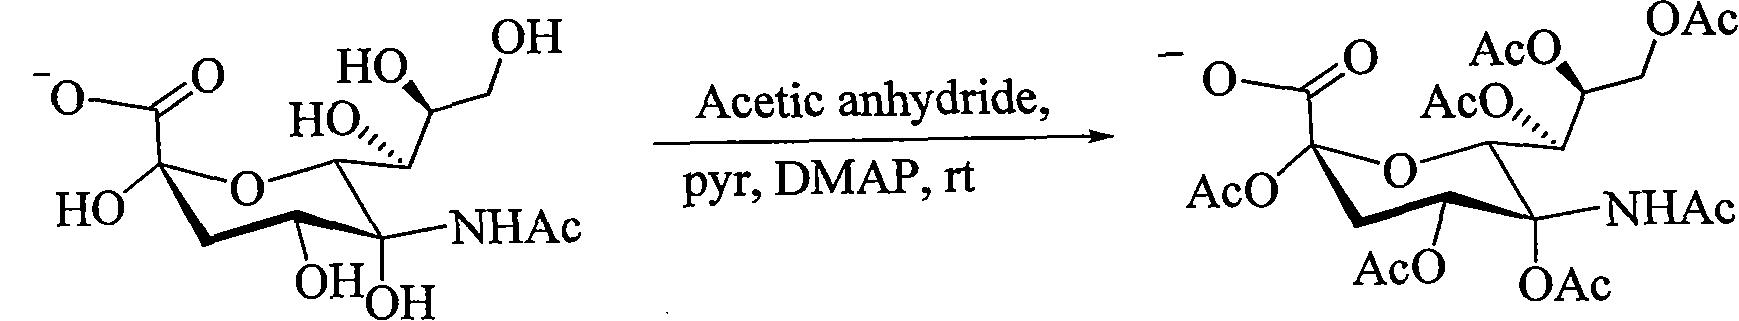 Figure imgf000156_0003